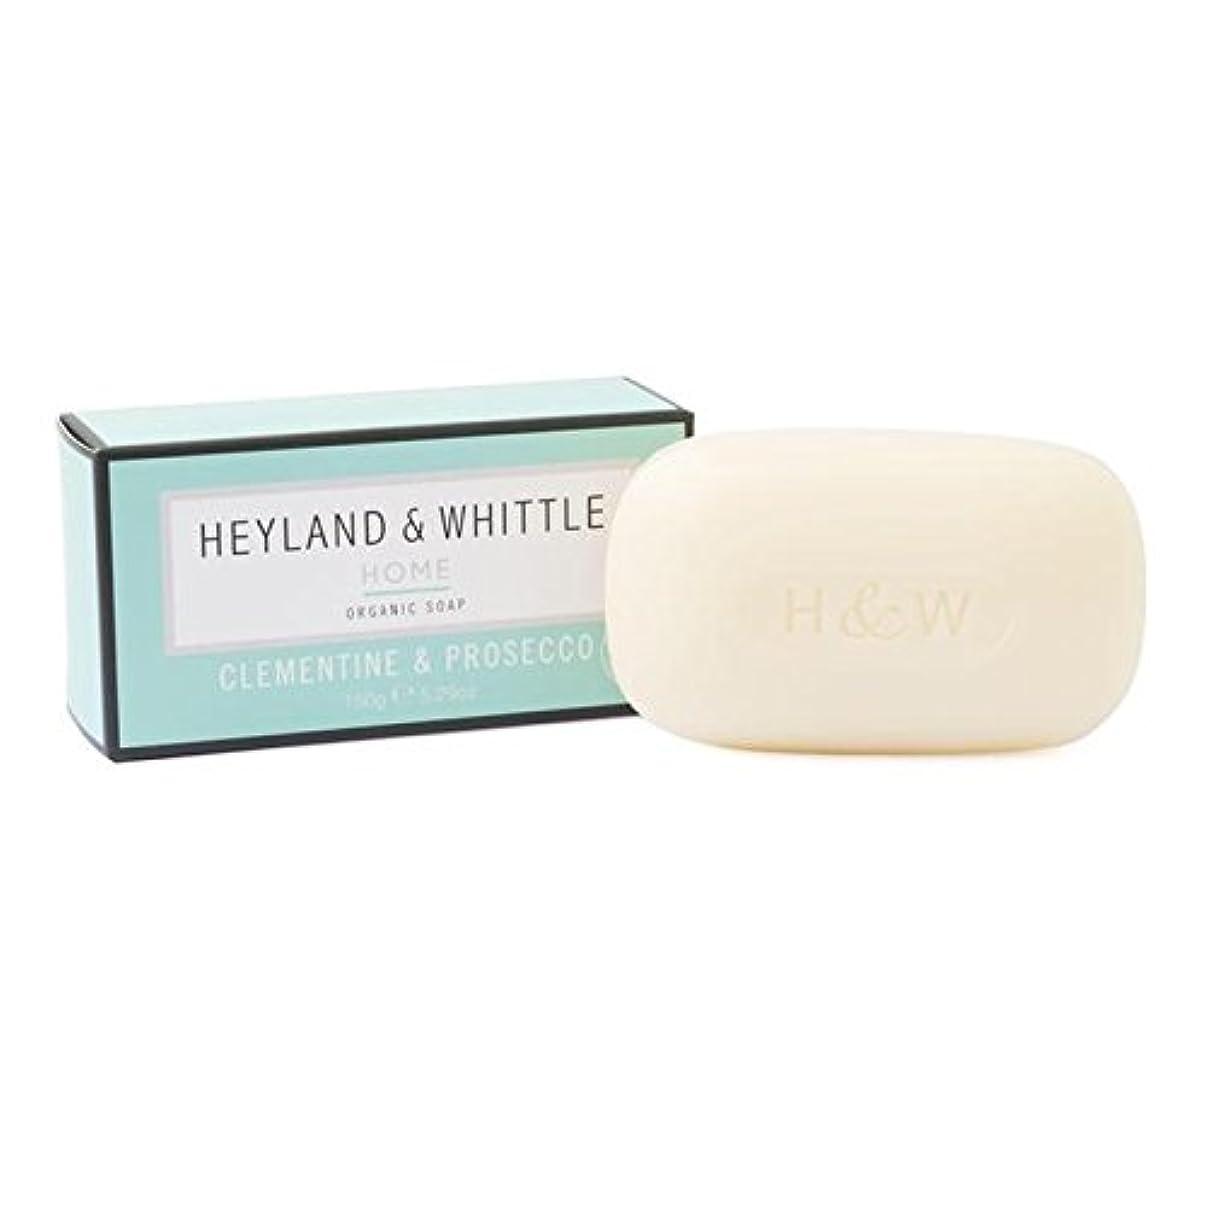 バレエ出口花Heyland & Whittle Home Clementine & Prosecco Organic Soap 150g - &削るホームクレメンタイン&プロセッコ有機石鹸150グラム [並行輸入品]